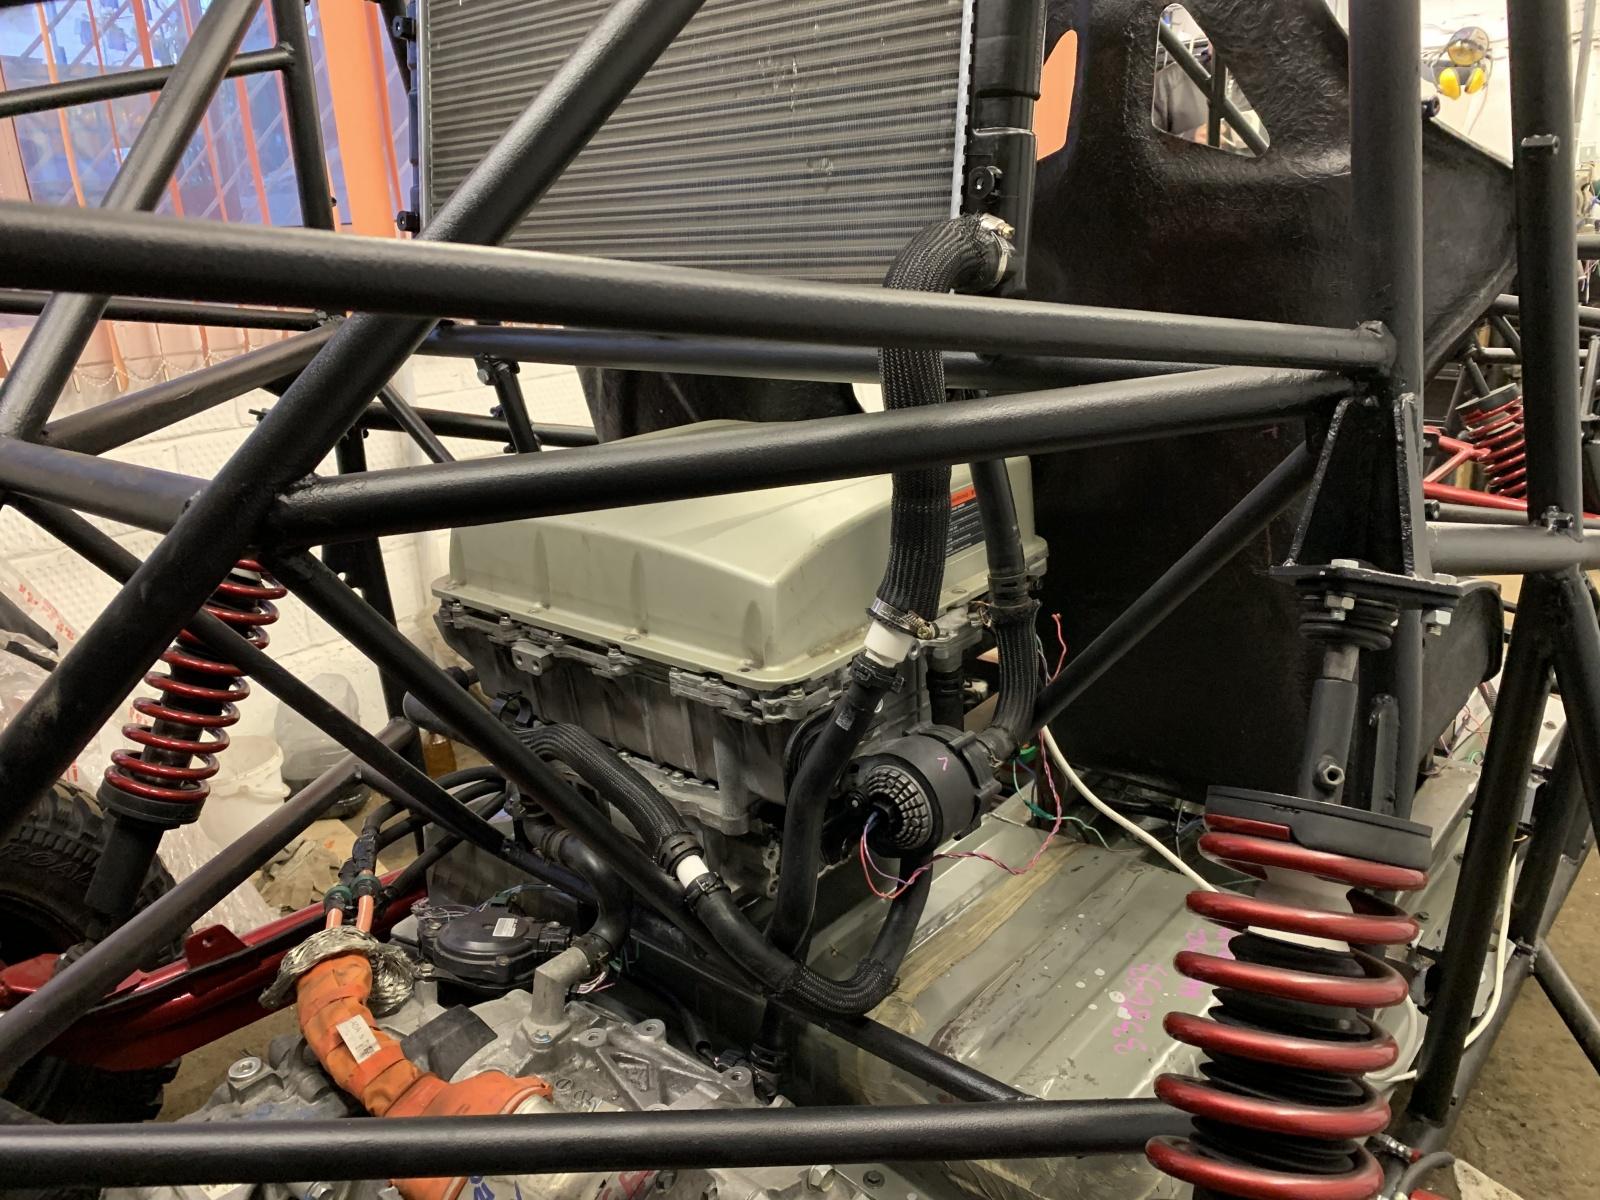 Как сделать самодельный электрический багги с мощным мотором. Часть 3. Тормоза, охлаждение, сидения, селектор, улица - 11